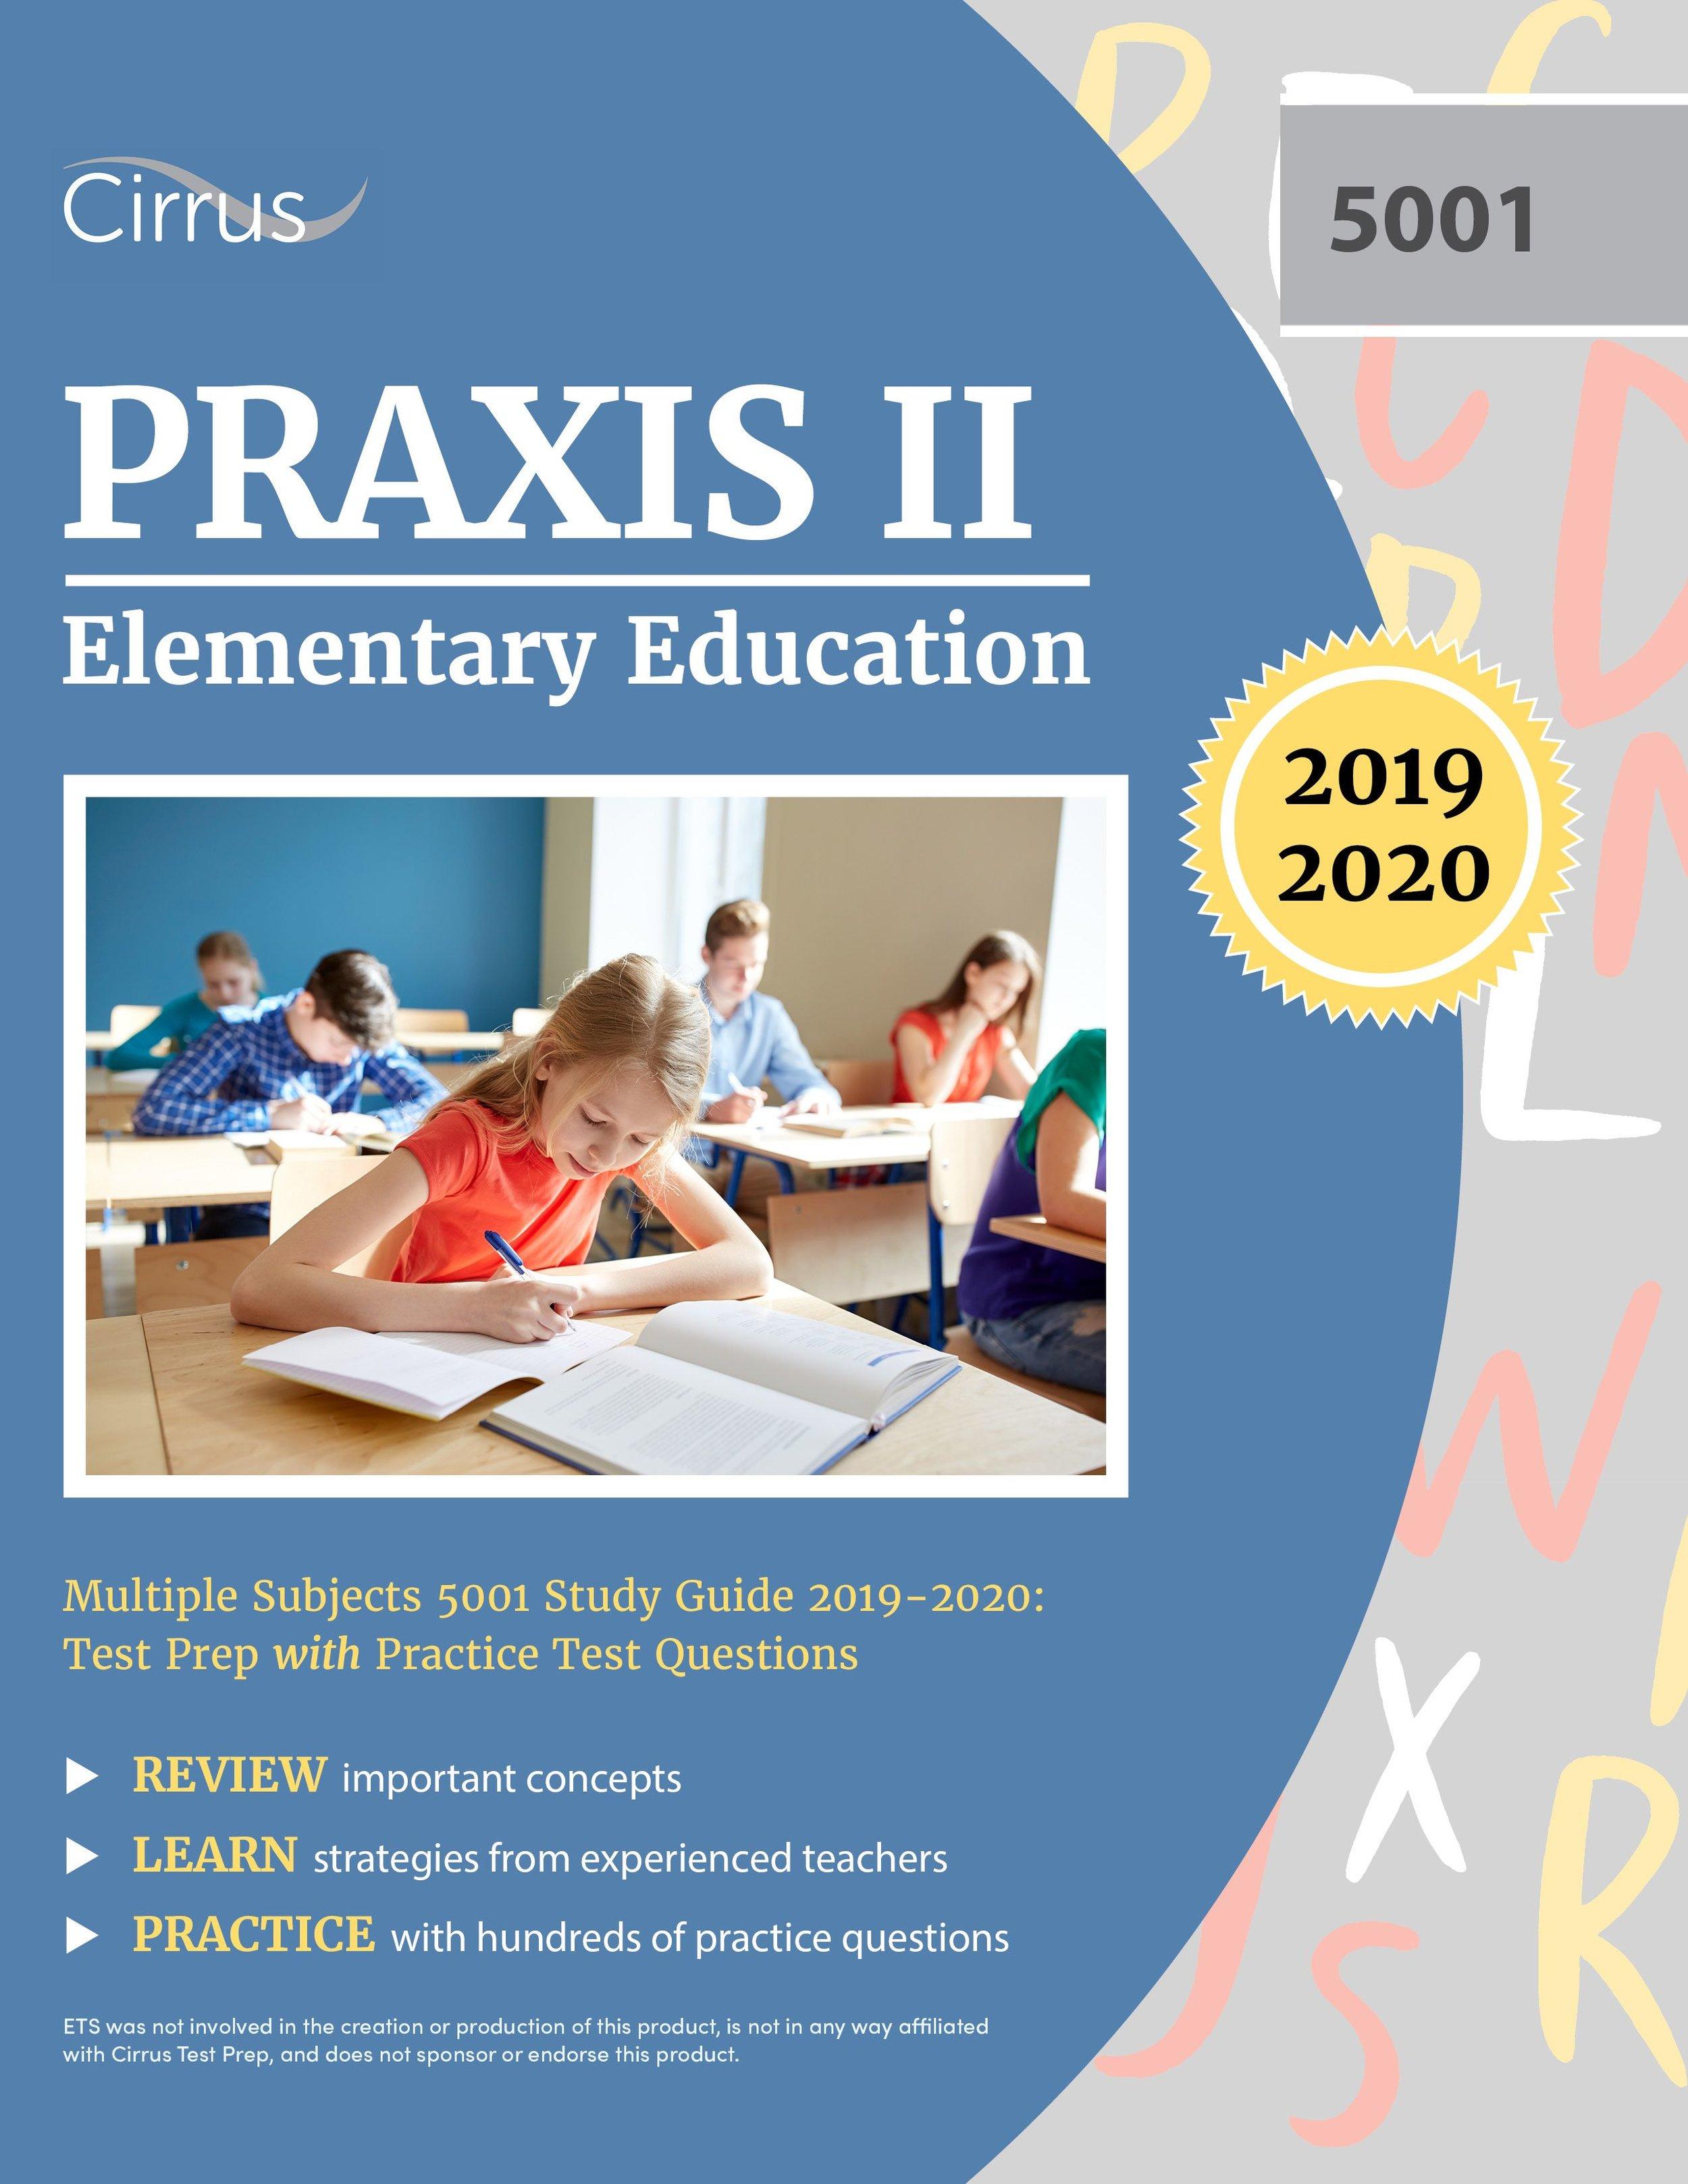 Praxis_5001_cover_website-compressor.jpg